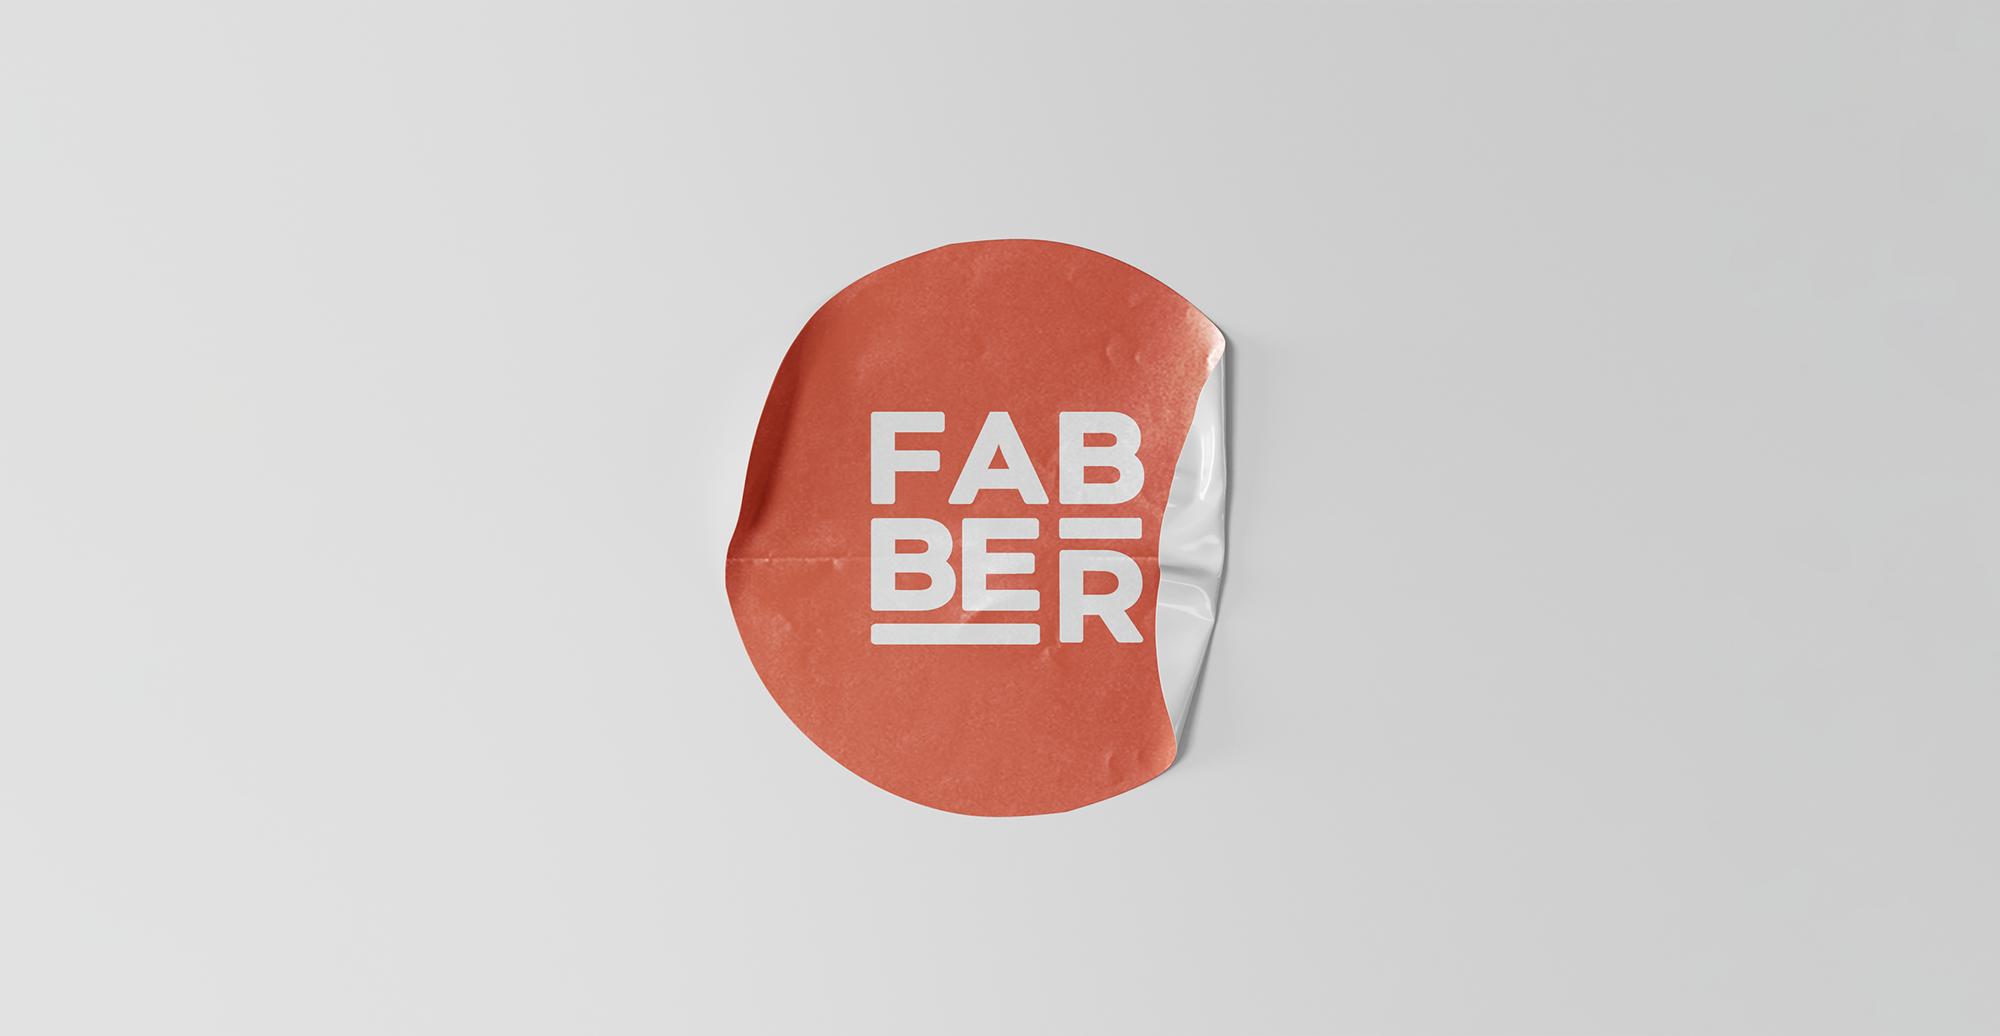 fabbersticker-1